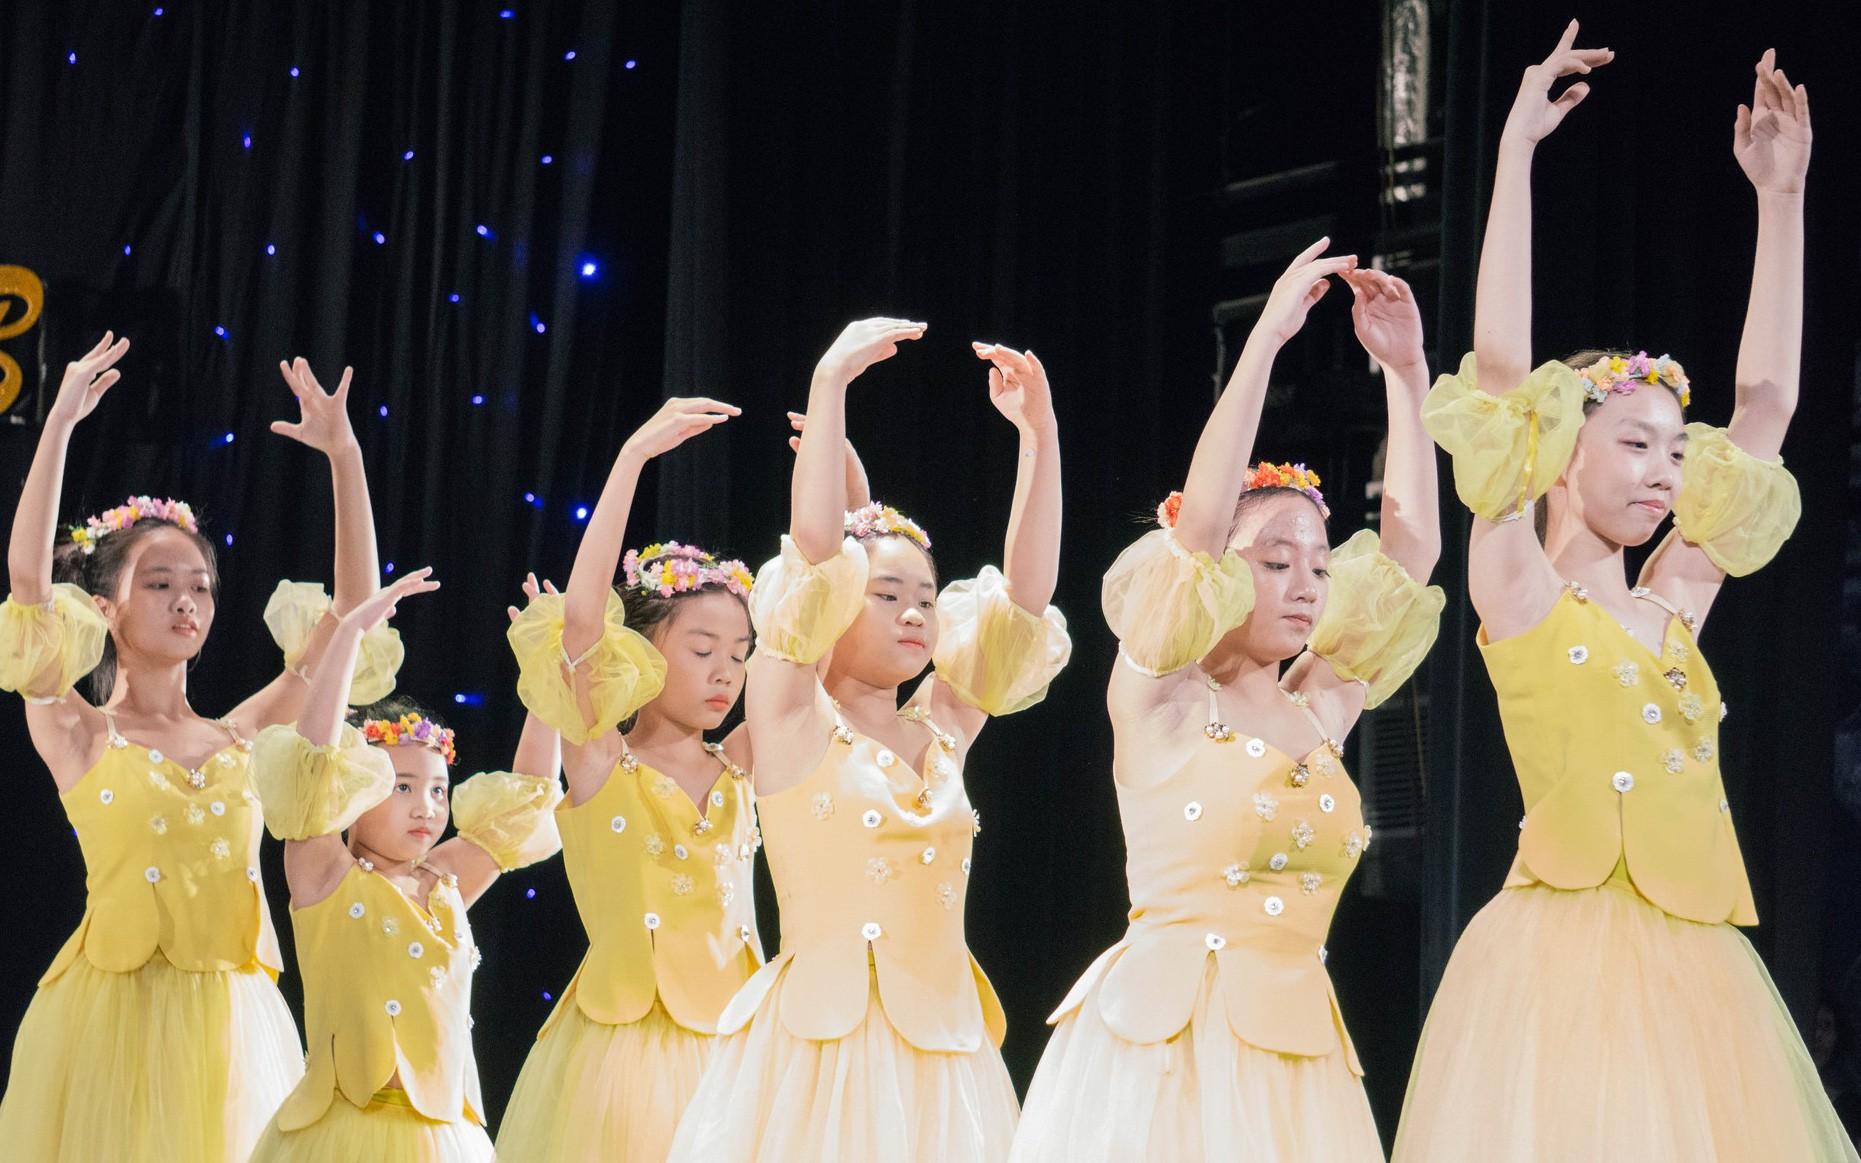 Nhà hát Nhạc Vũ Kịch Việt Nam dành nhiều ưu đãi cho học viên tham gia Sân chơi nghệ thuật nhân dịp kỷ niệm 60 năm thành lập